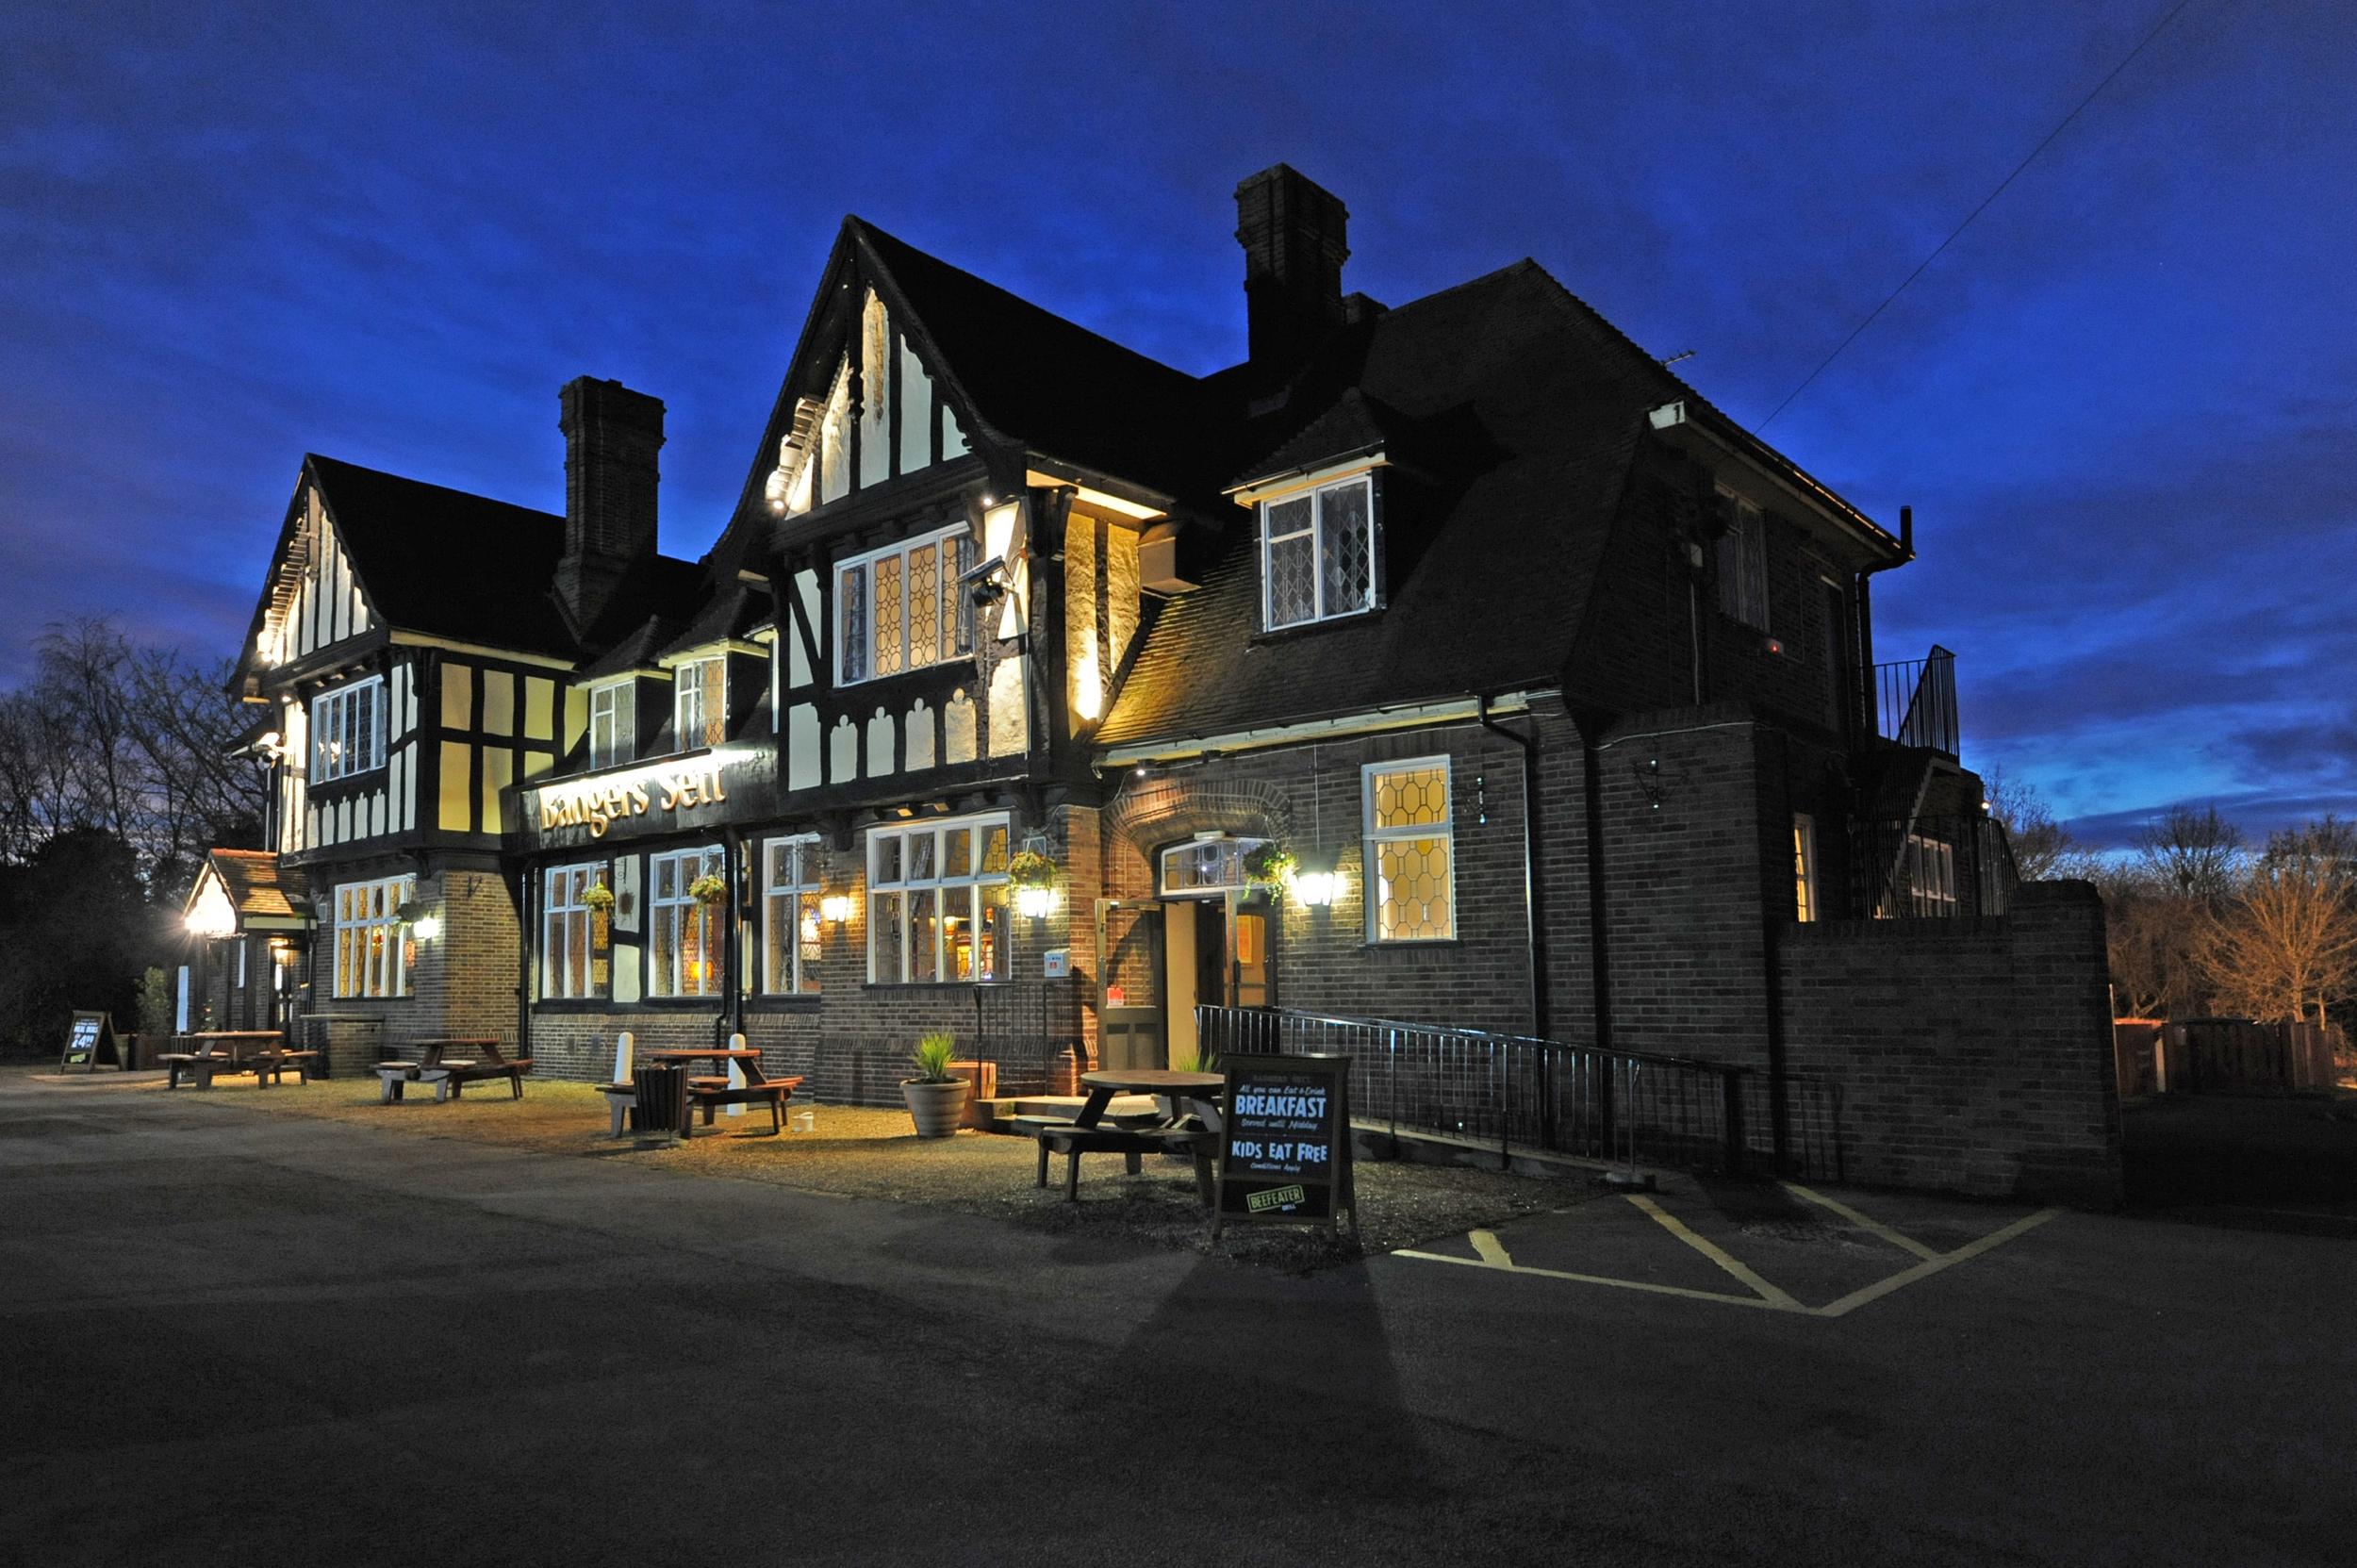 Restaurant, Worcestershire